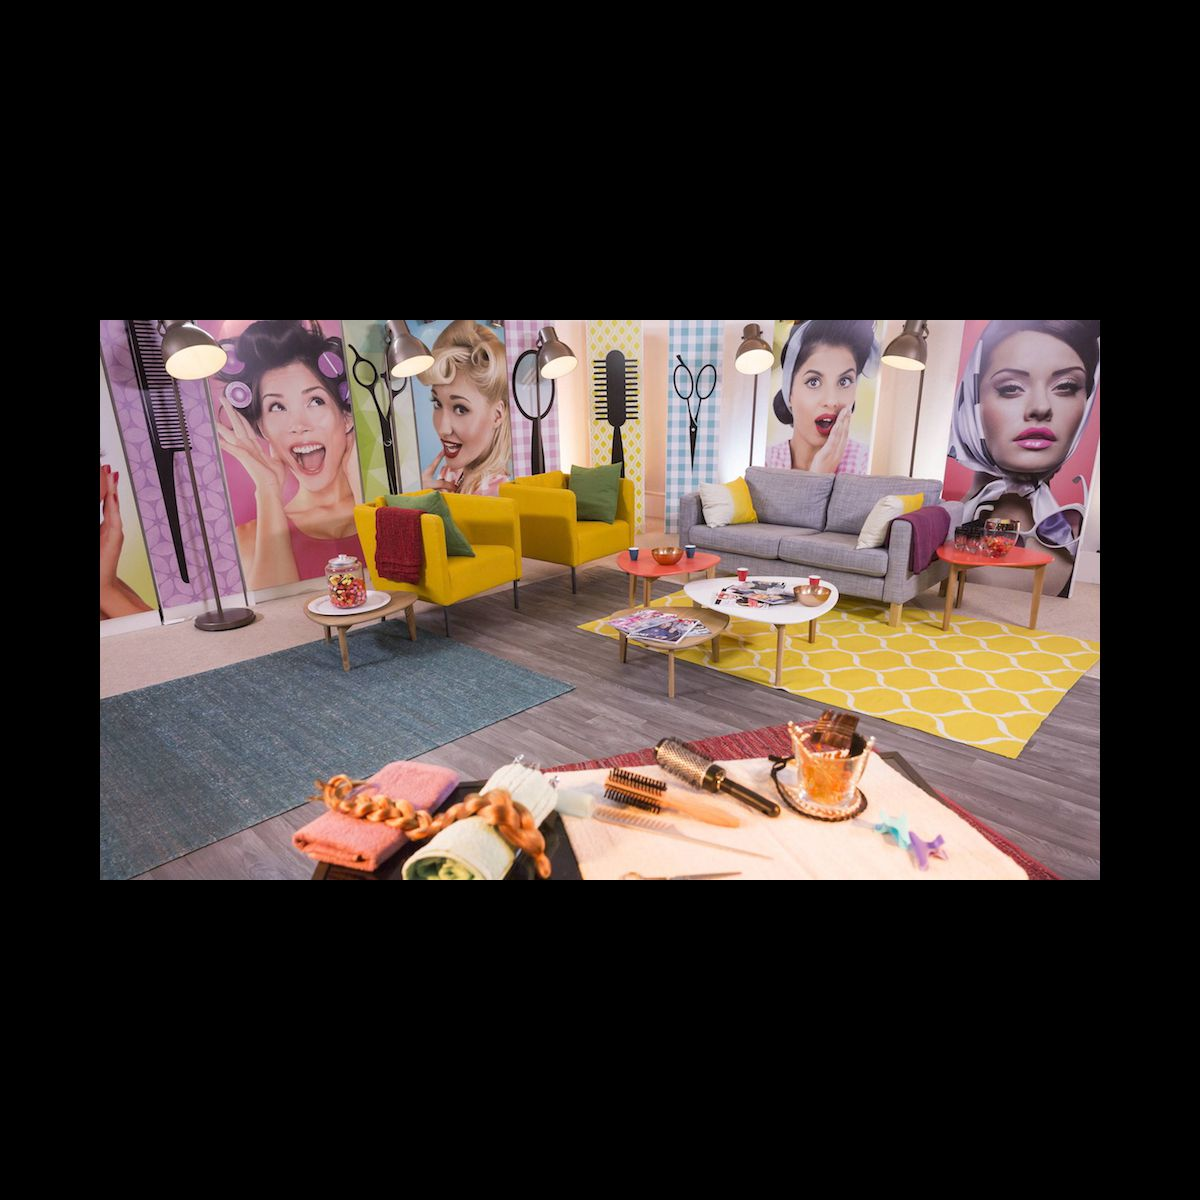 M6 5 salons qui d coiffent remplace les reines du for 5 salons qui decoiffent